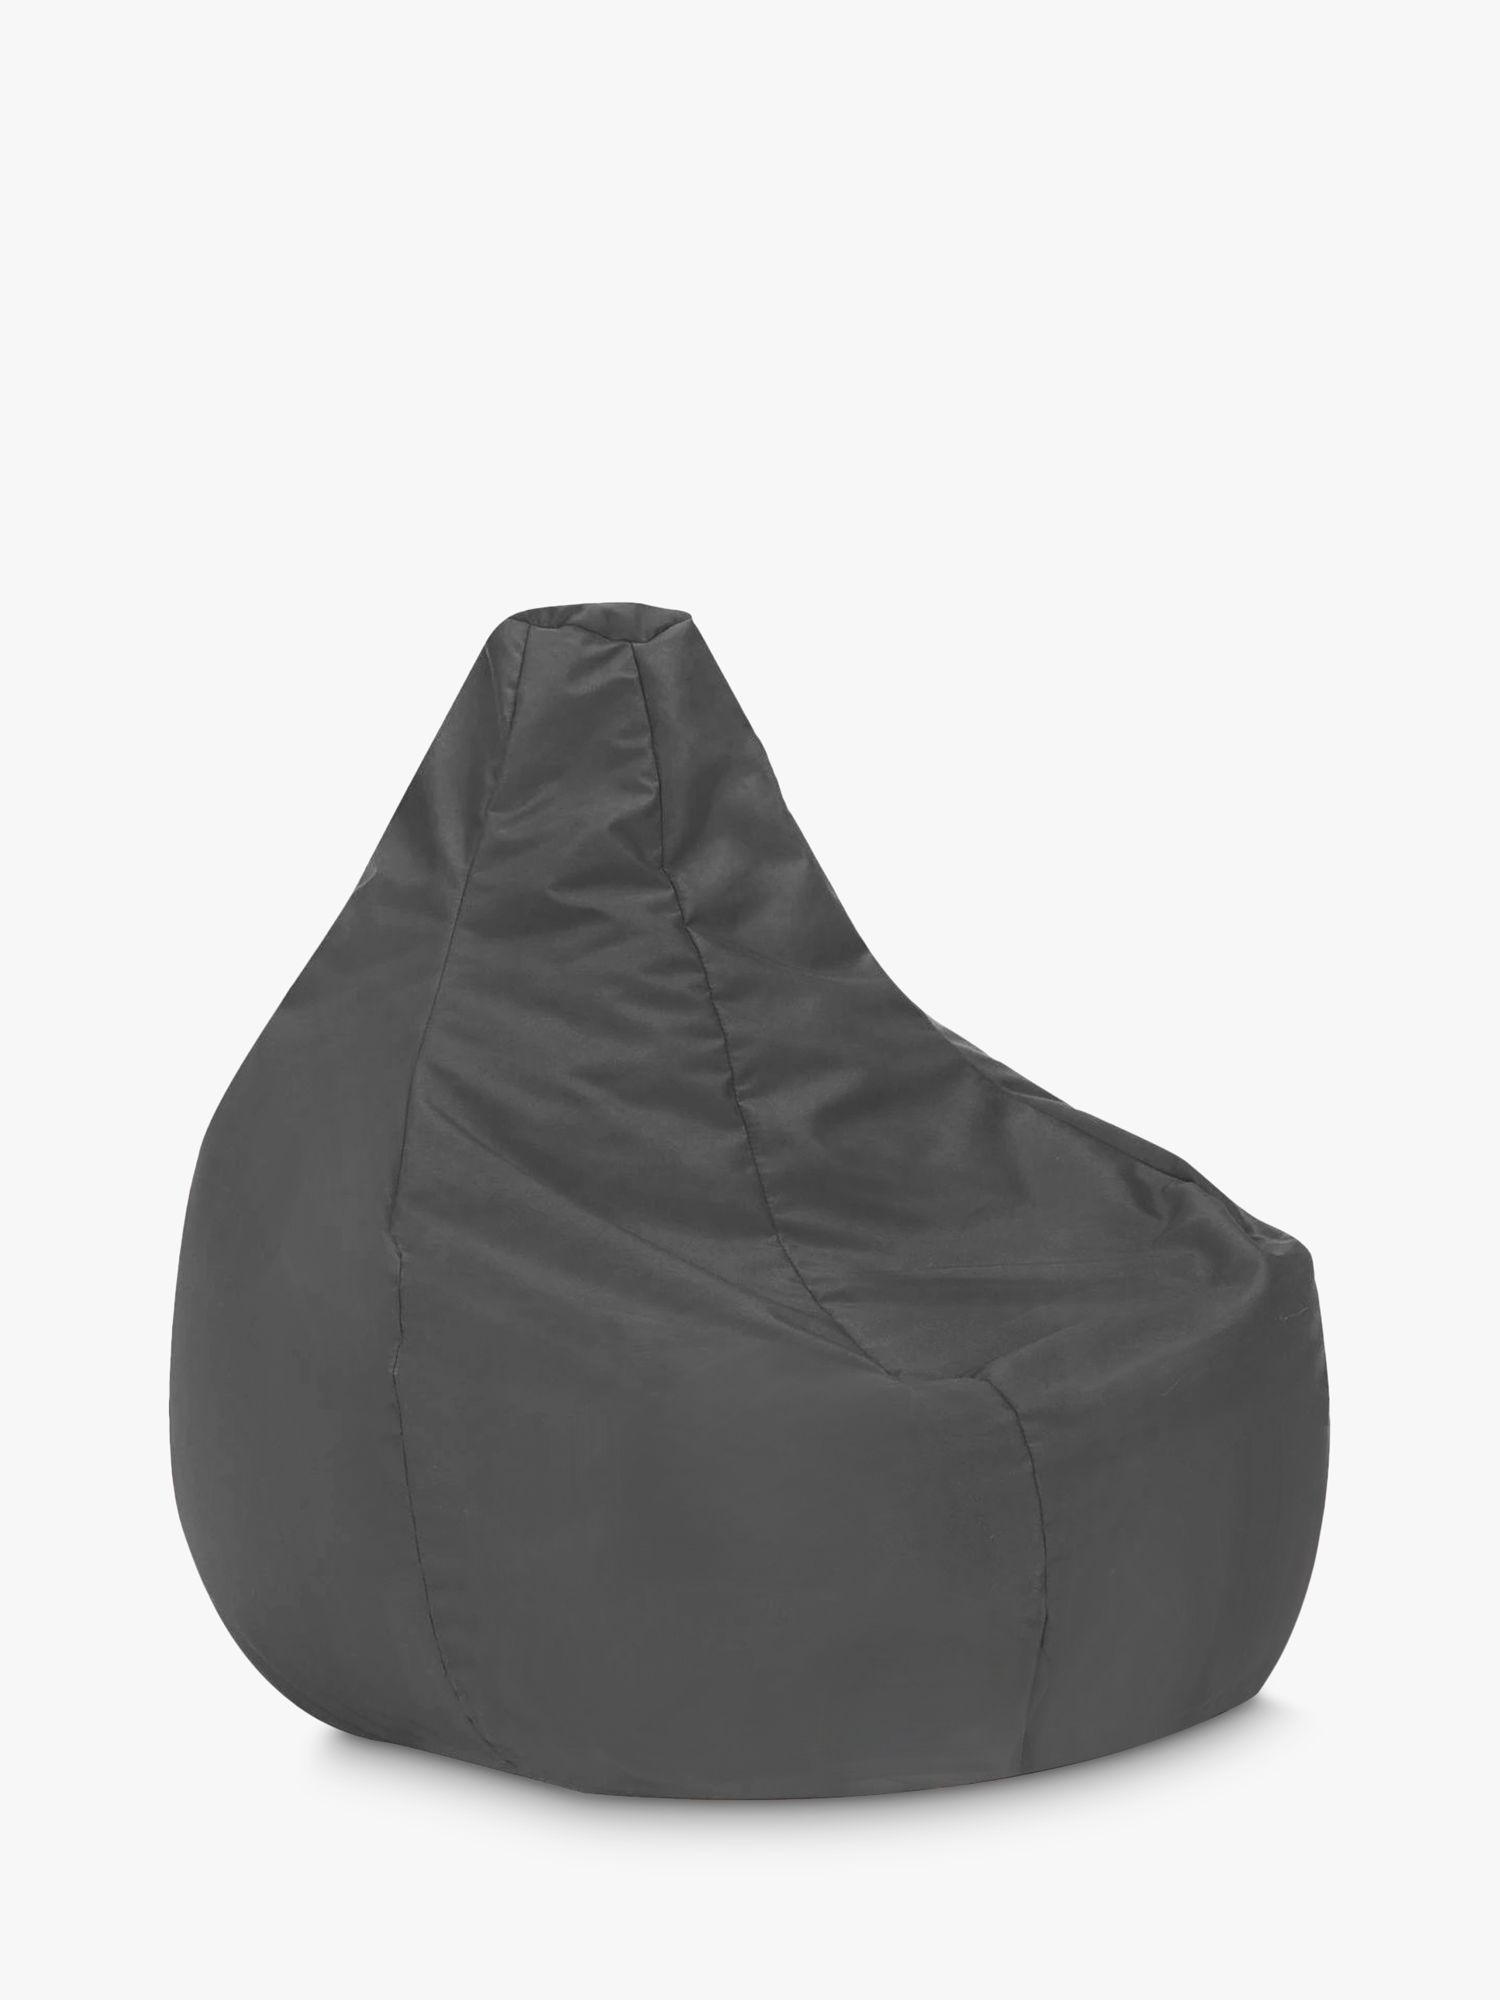 John Lewis & Partners Max Indoor / Outdoor Bean Bag